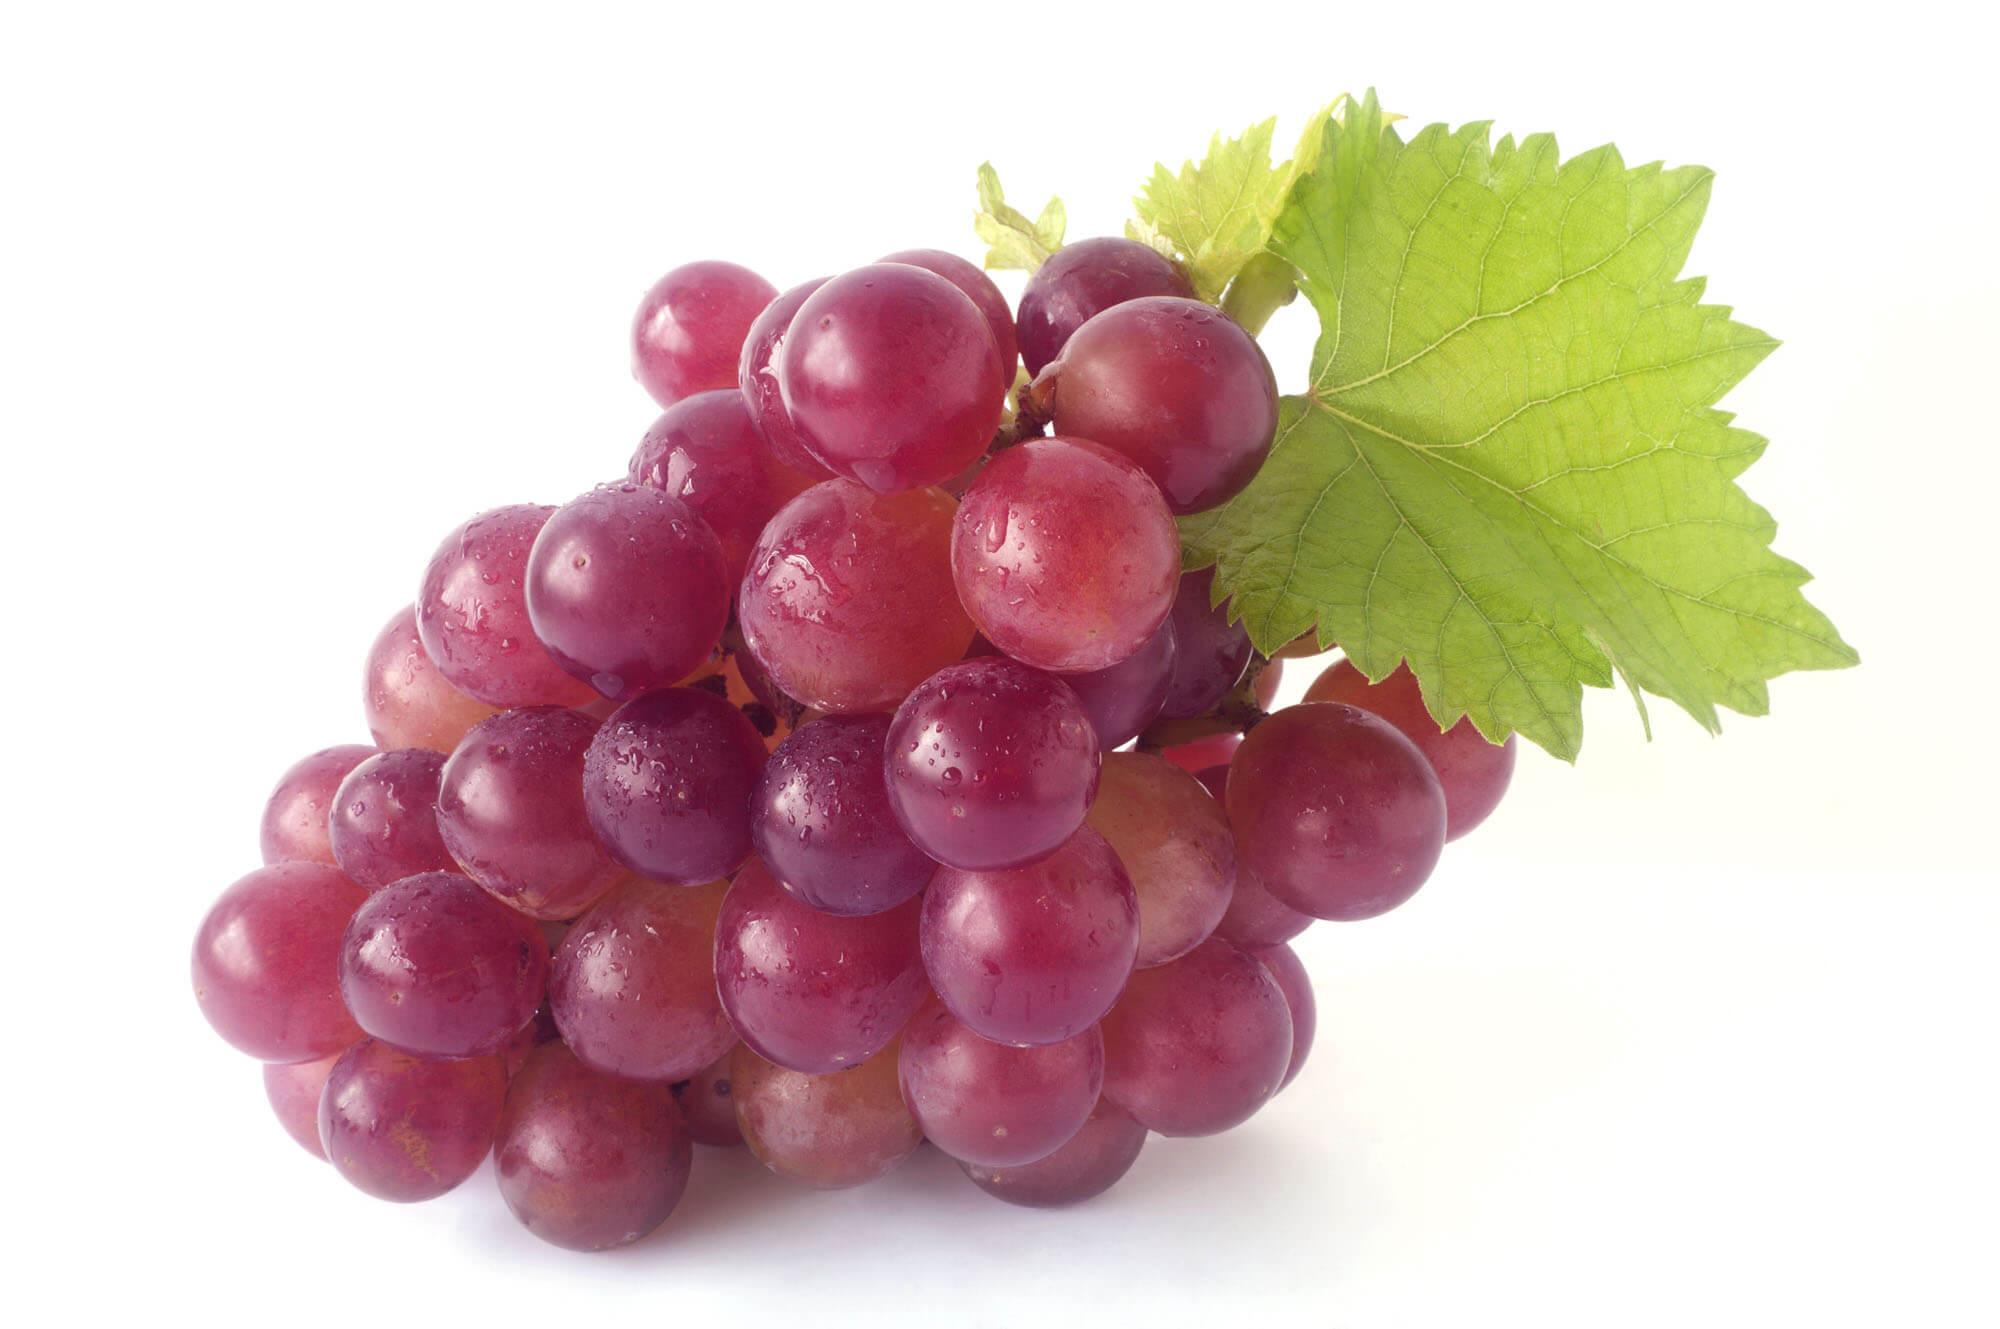 Benefici dell'uva nera